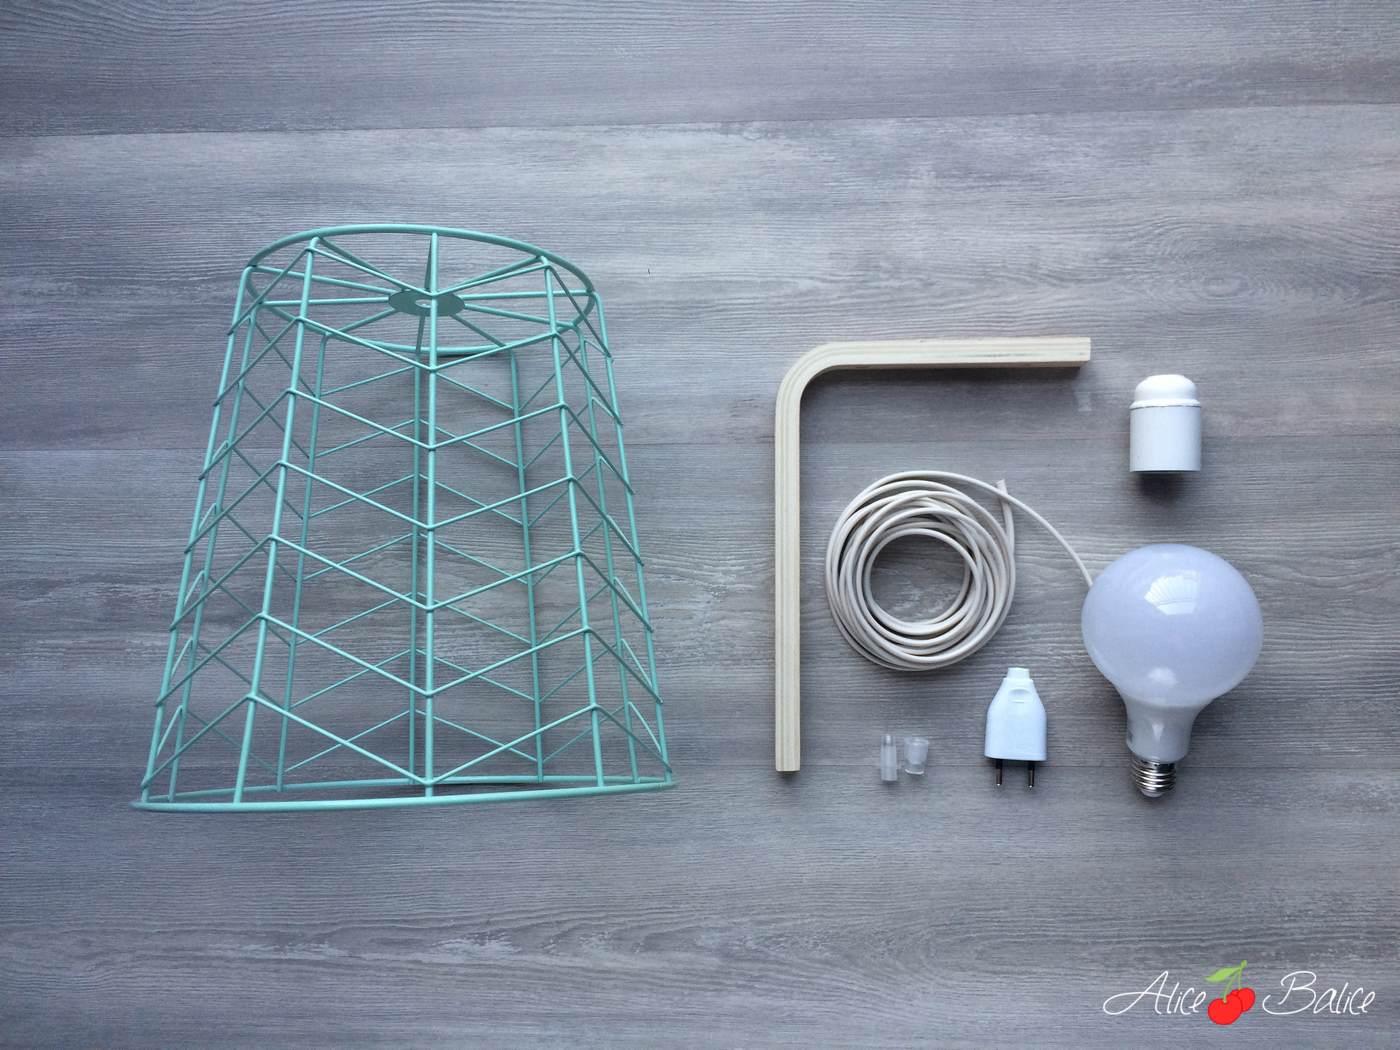 Lampe baladeuse design | tuto DIY gratuit | corbeille à papier | mint cuivre